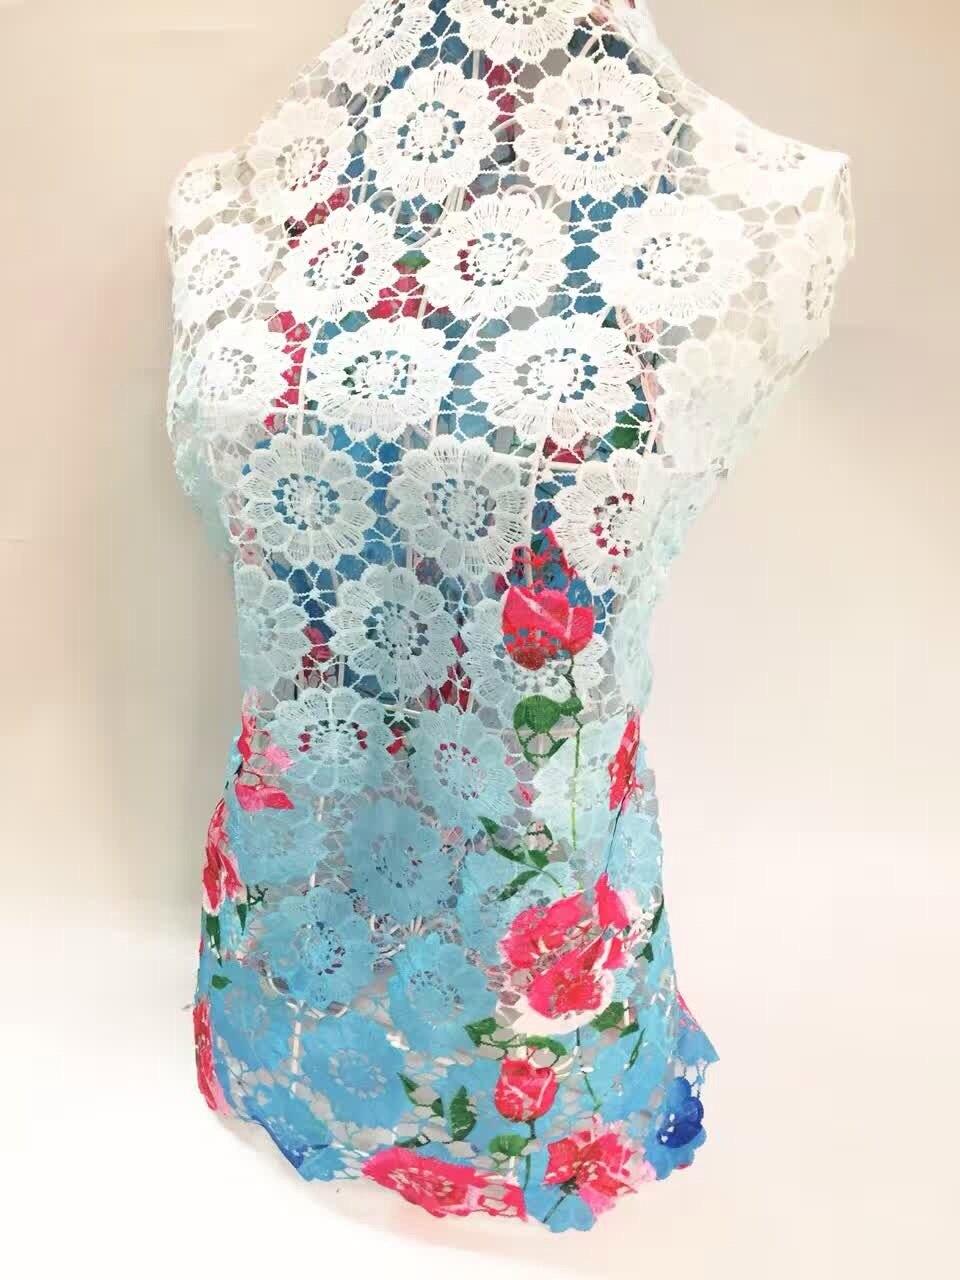 2018 Novo tecido de renda Africano francês tecido de renda guipure para  vestidos de festa de impressão cor azul. rendas solúvel em água tecido J699 f7b962c8d2